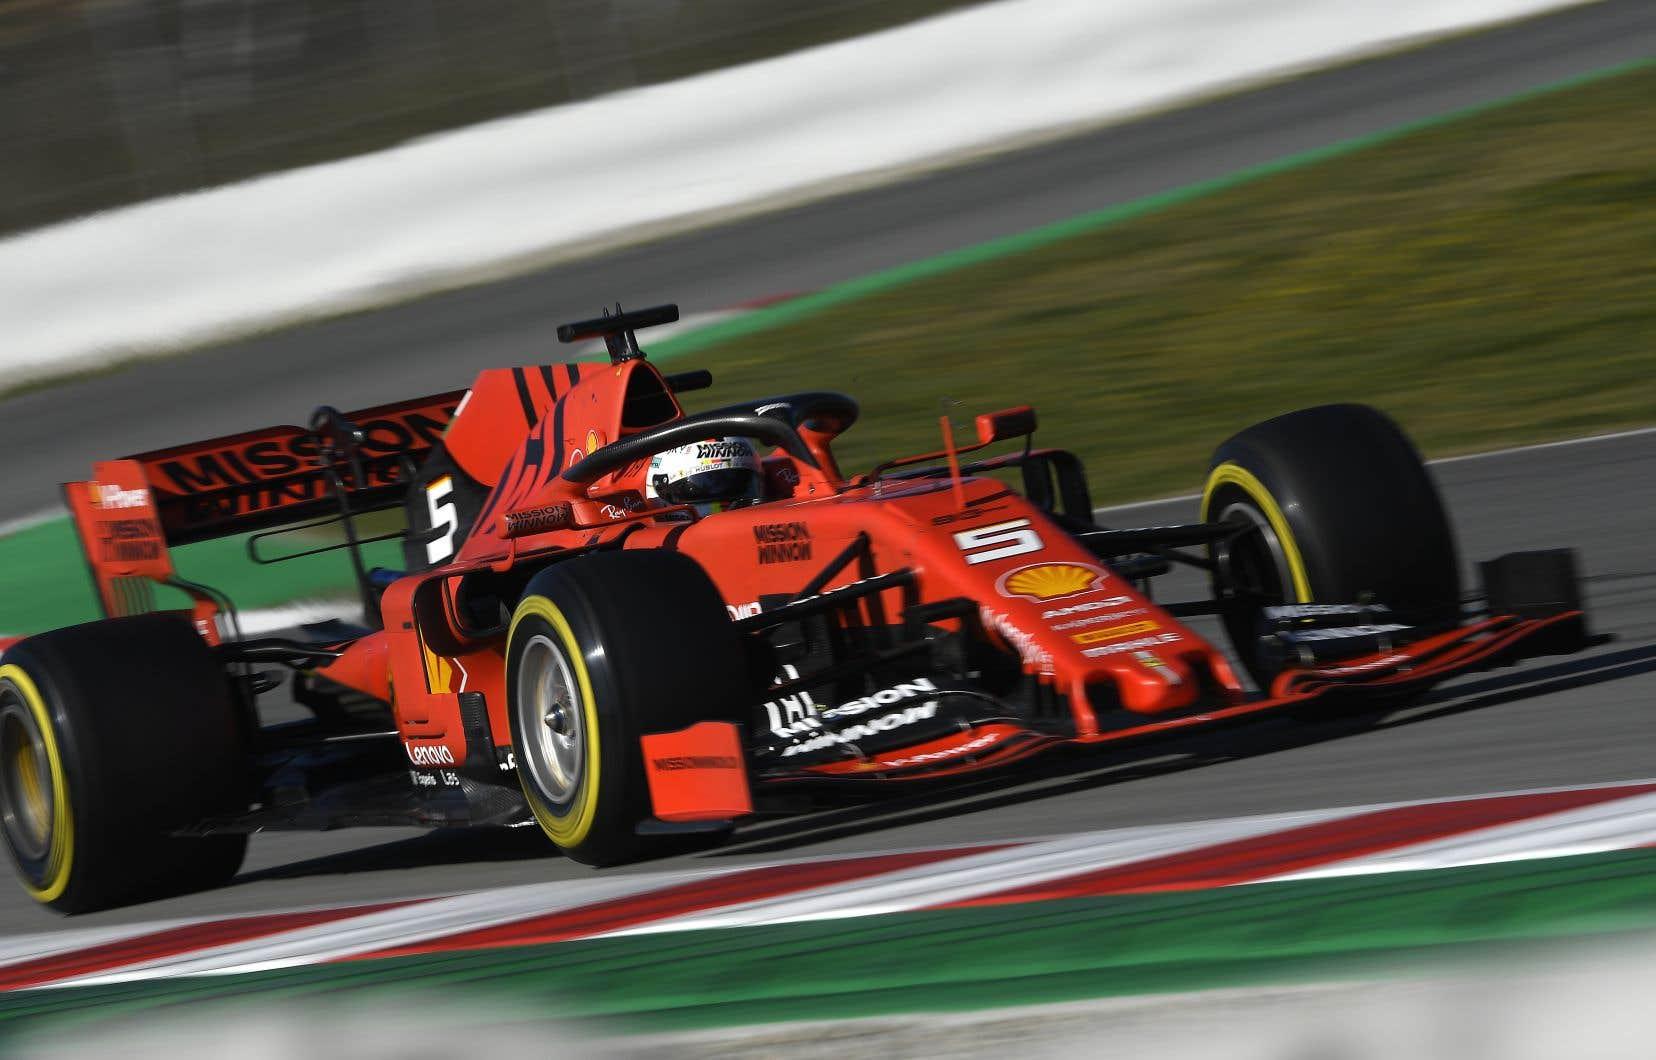 Vettel a foncé dans une barrière de pneus après avoir perdu le contrôle de son bolide dans le virage numéro3 sur le circuit de Barcelone-Catalunya.